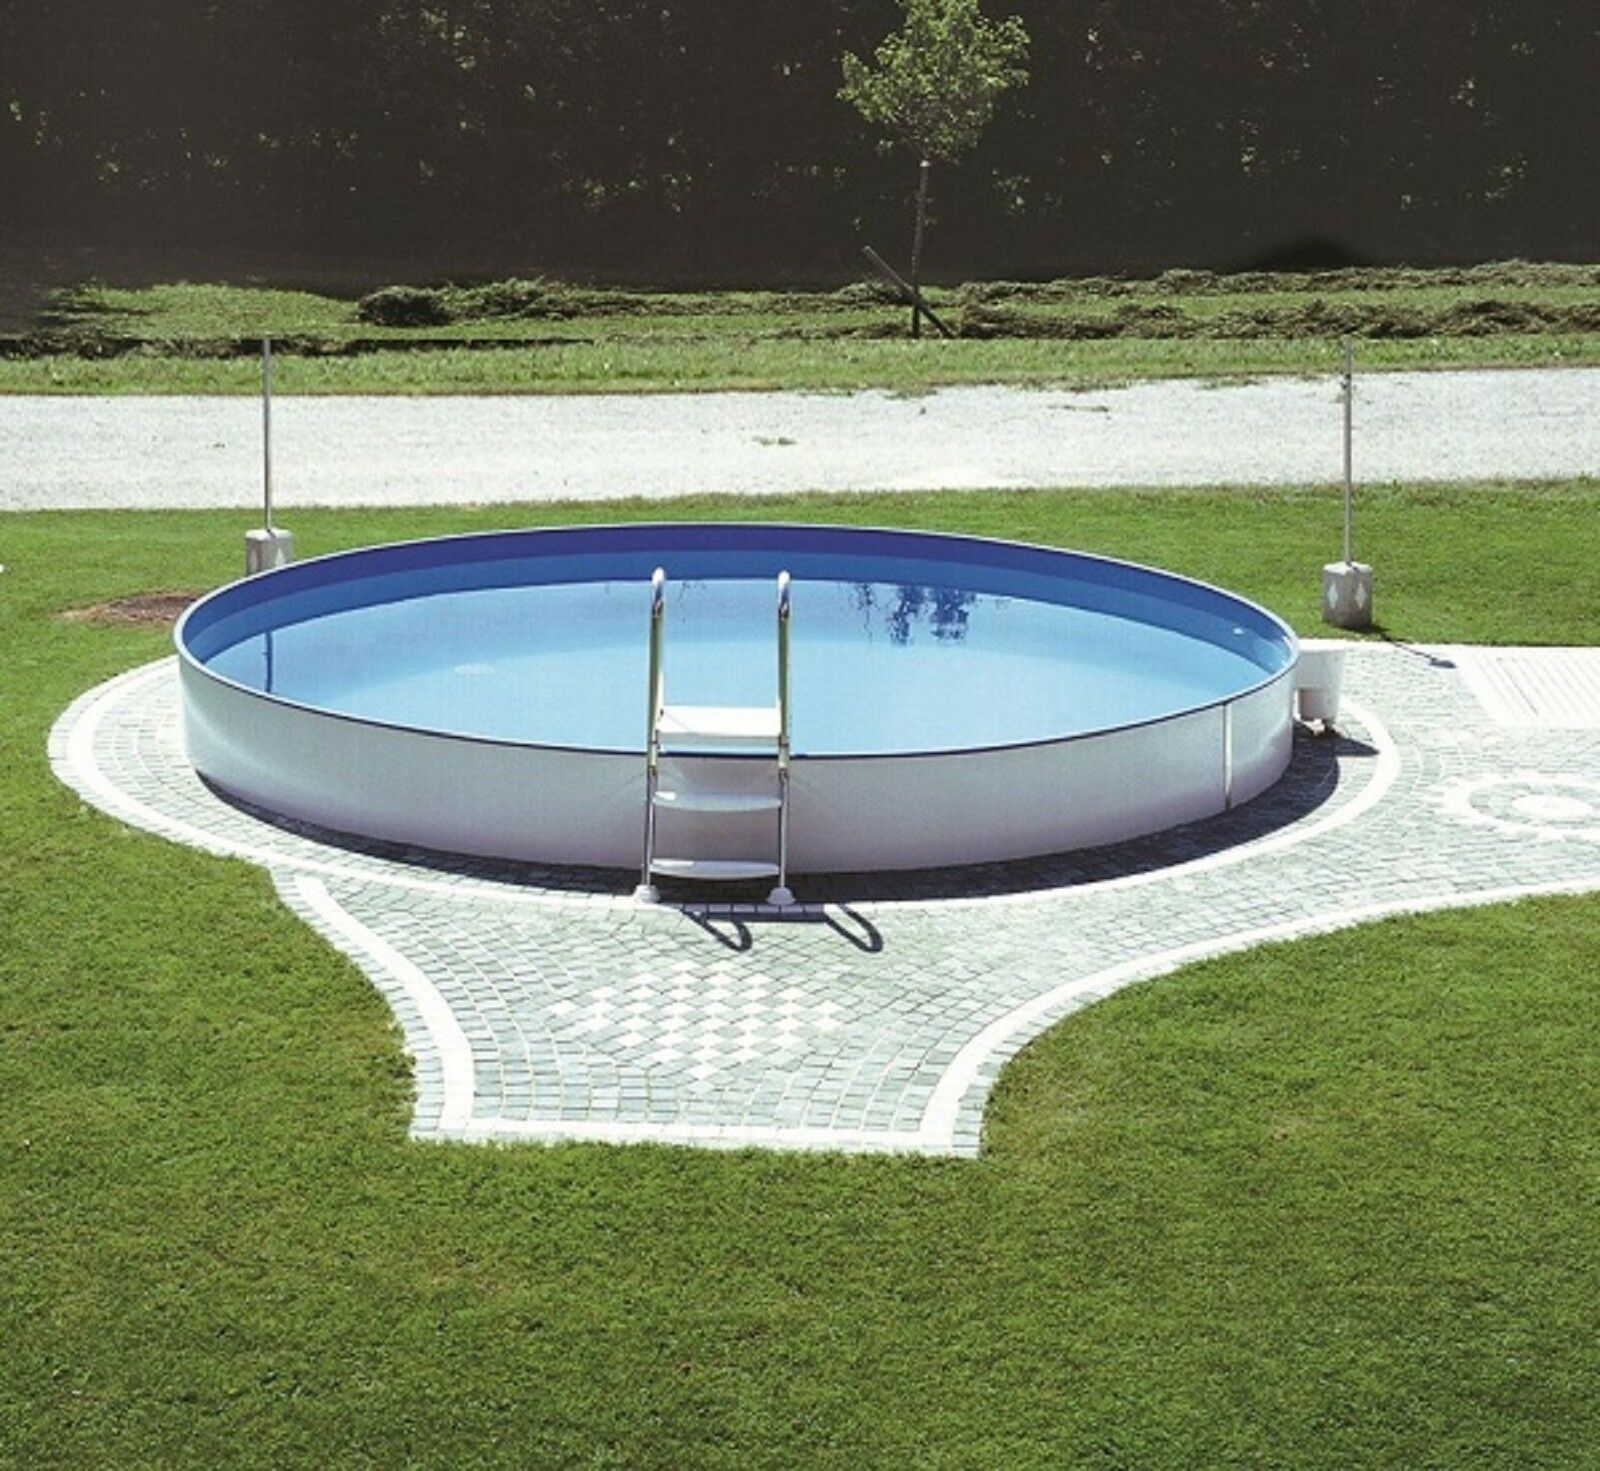 Pool schwimmbecken rund 5 00 x 1 50 m stahlwand 0 80mm for Stahlwandpool rund erdeinbau